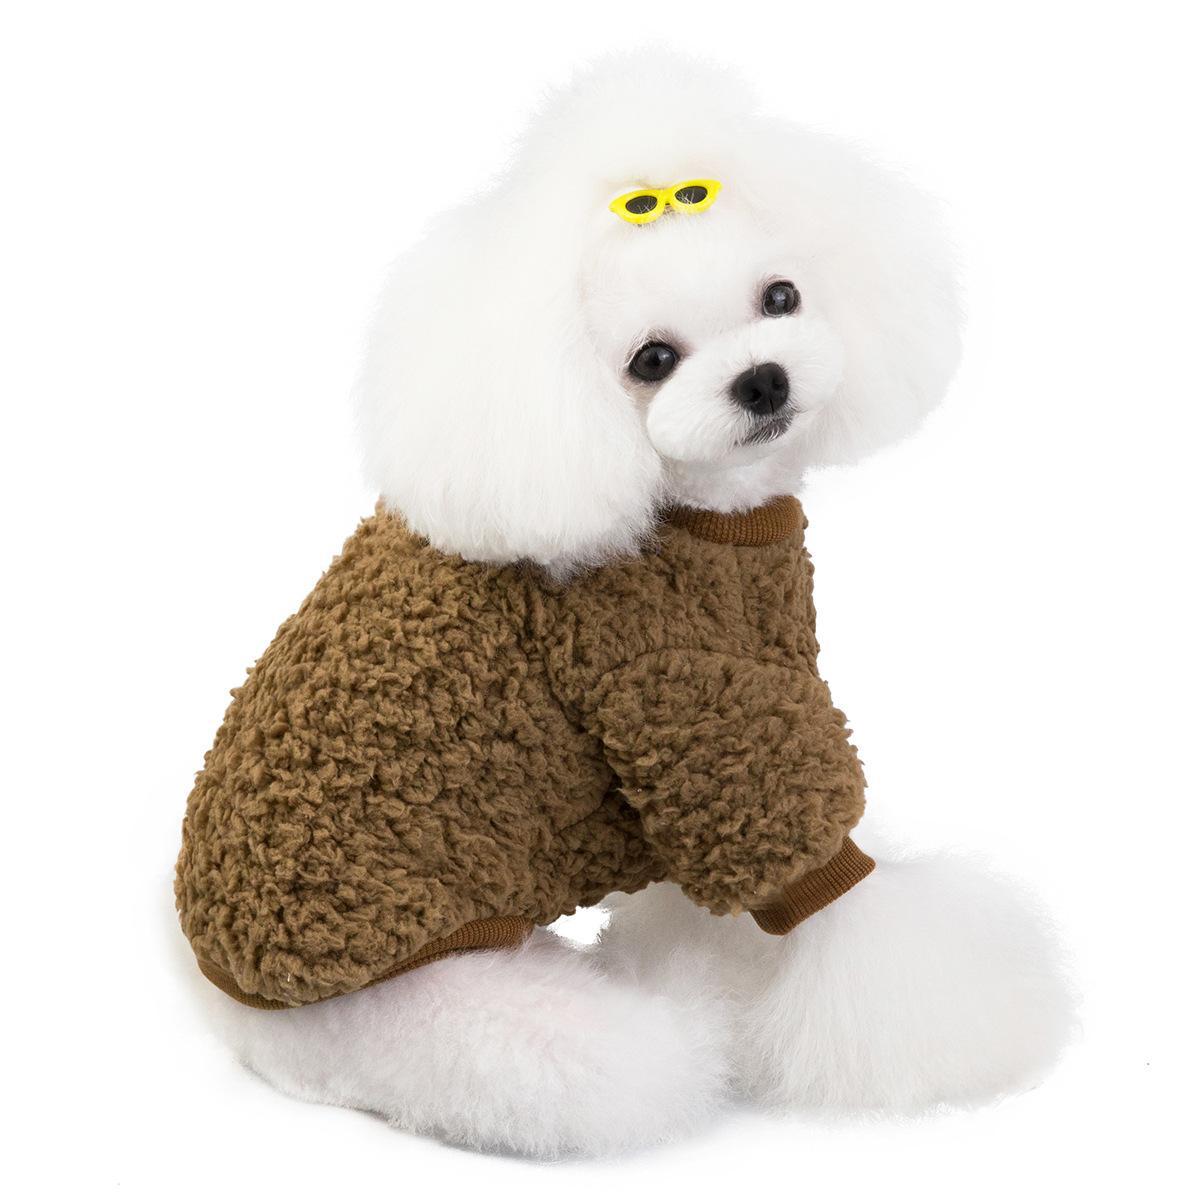 Мультфильм собака толстовка зимняя собака одежда для собак пальто куртка хлопок ропа перро французский бульдог одежда для собак домашних животных одежда